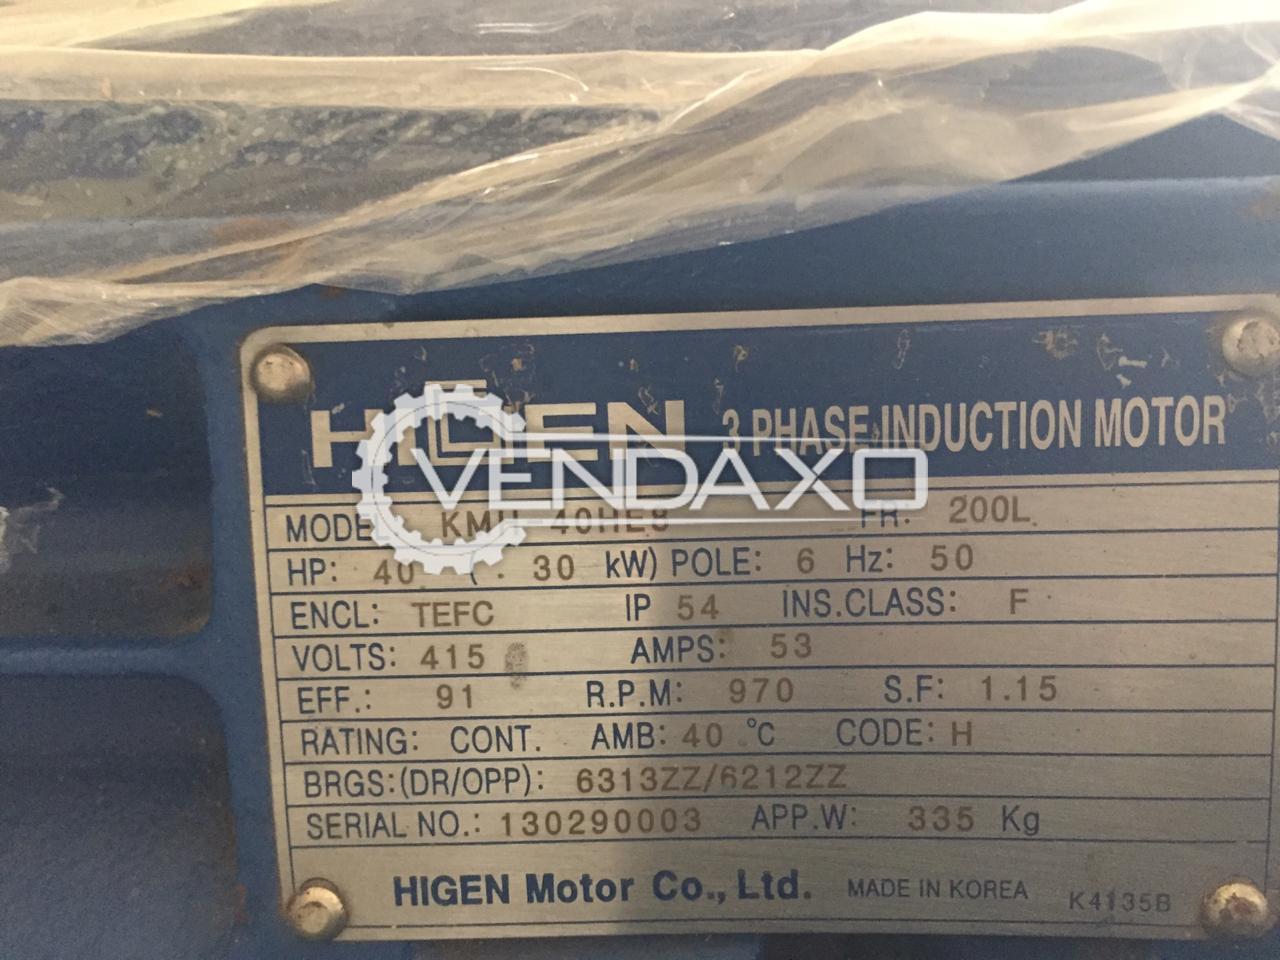 Higen KMH-40HE8 Induction Motor - Power - 30 KW